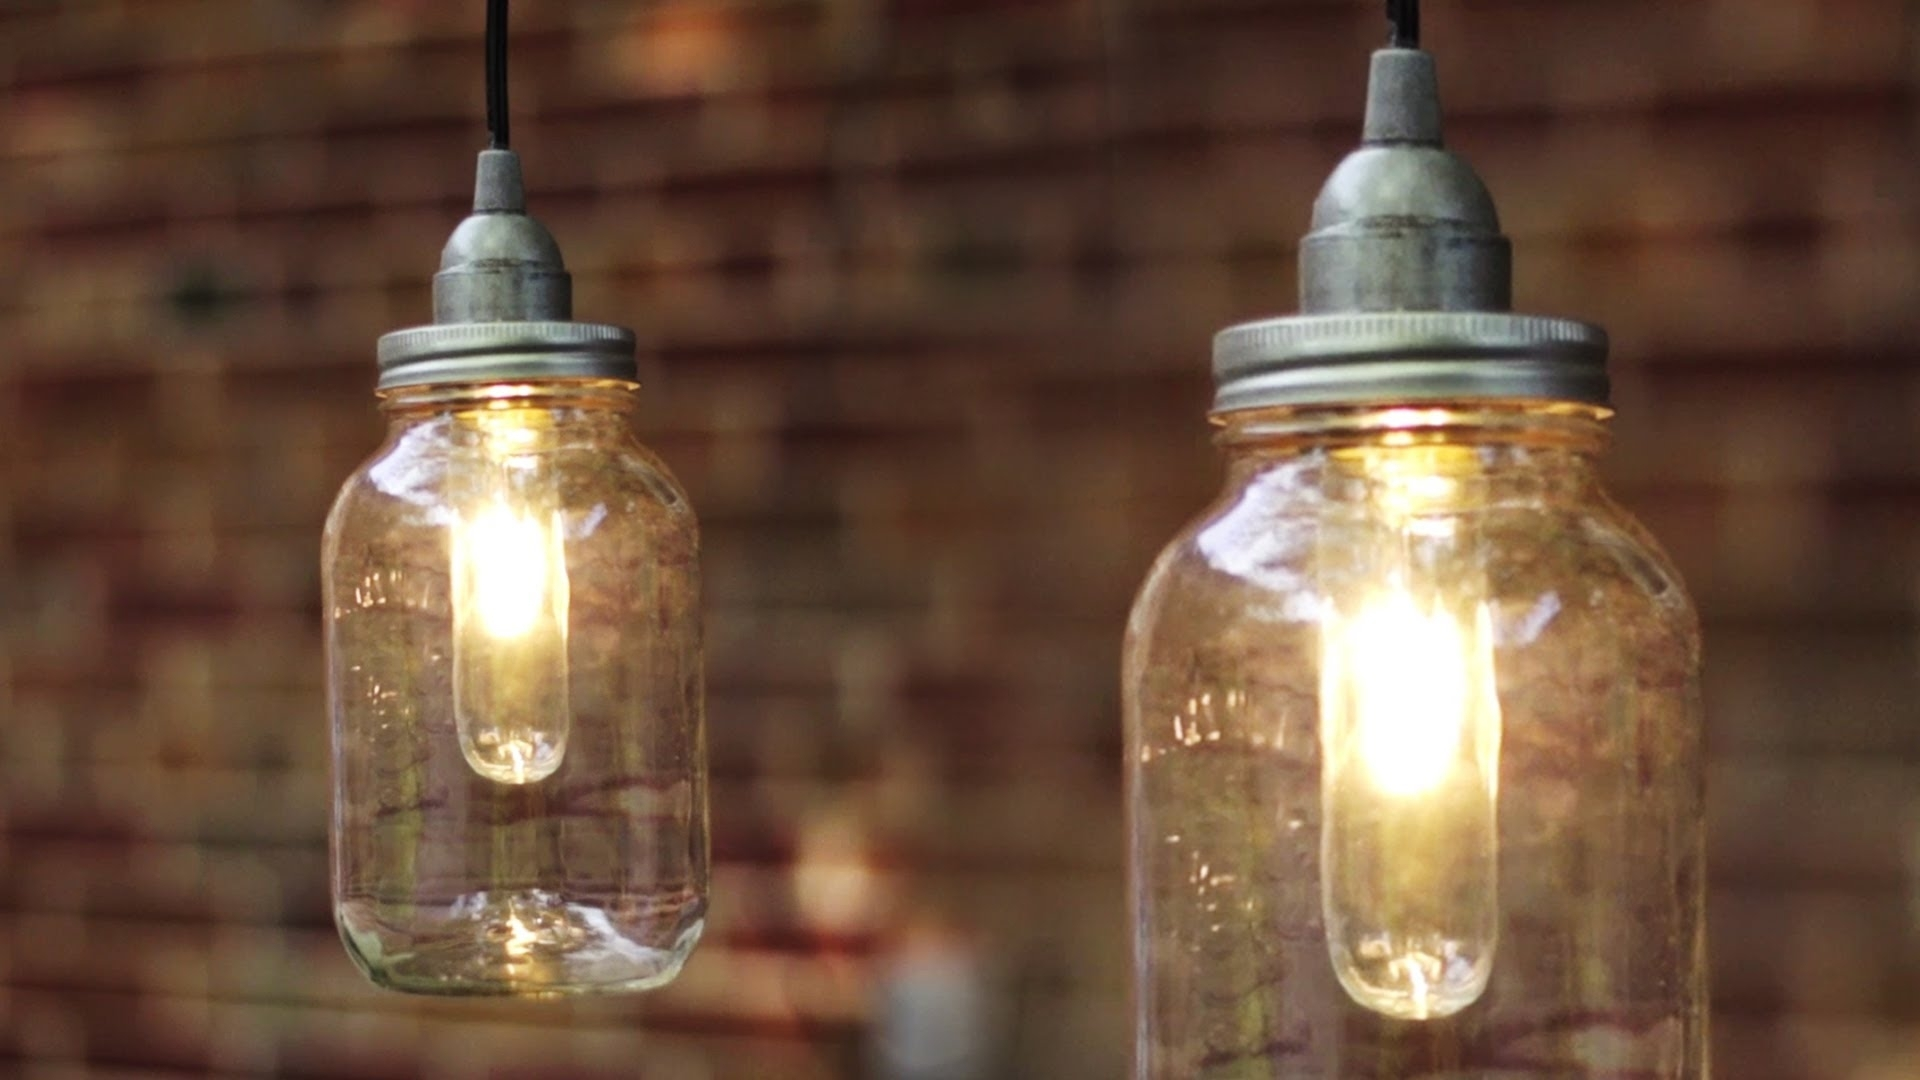 Diy Mason Jar Light / Lantern - Youtube within Outdoor Jar Lanterns (Image 5 of 20)